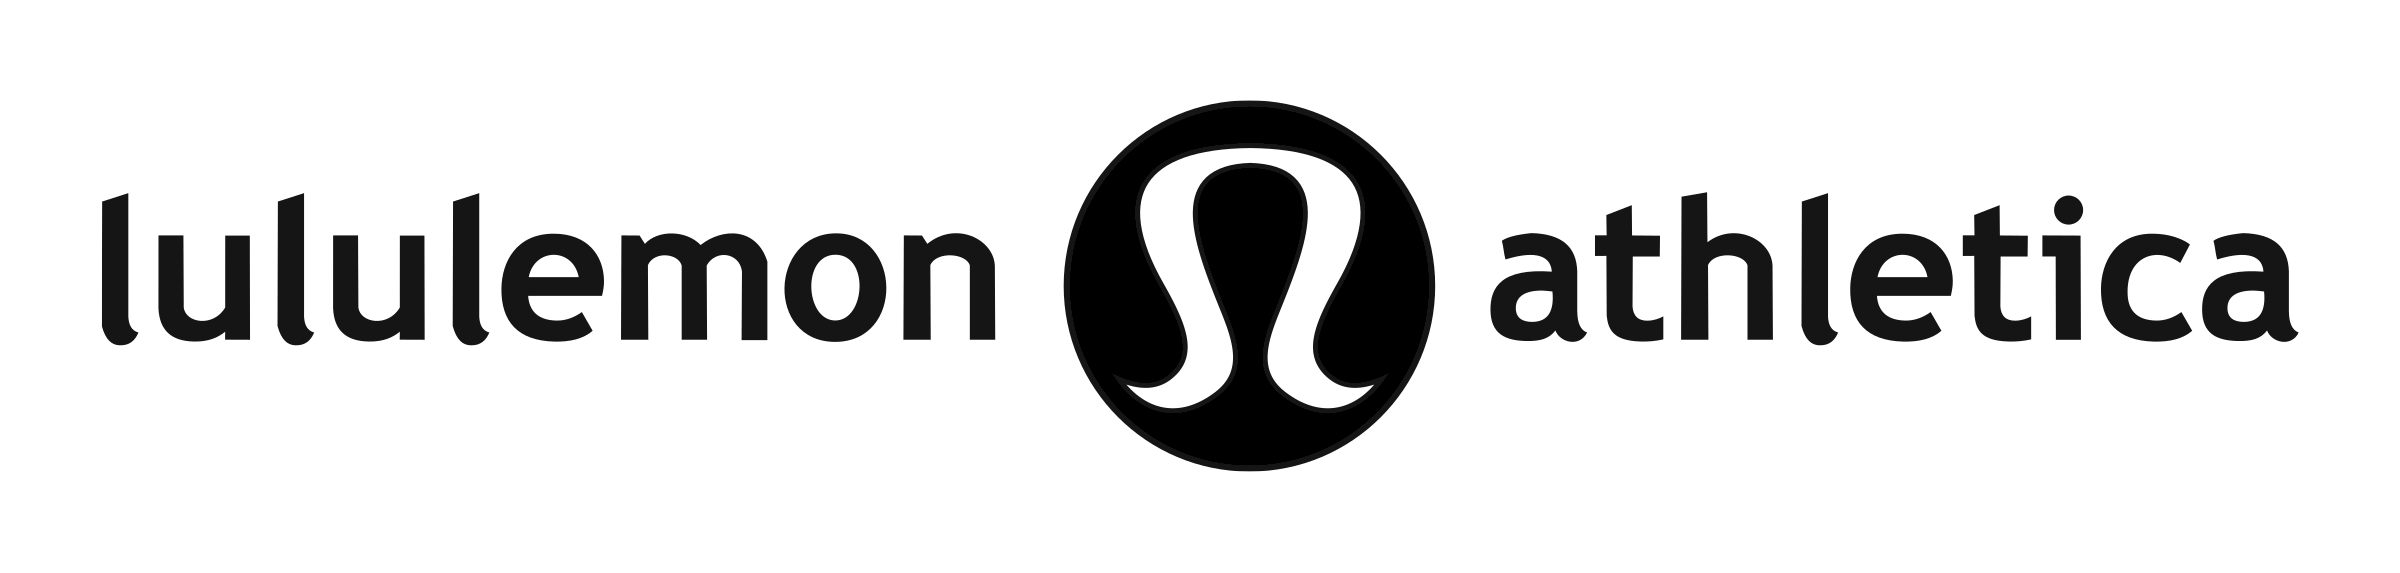 lululemon-logo-black-and-white.png